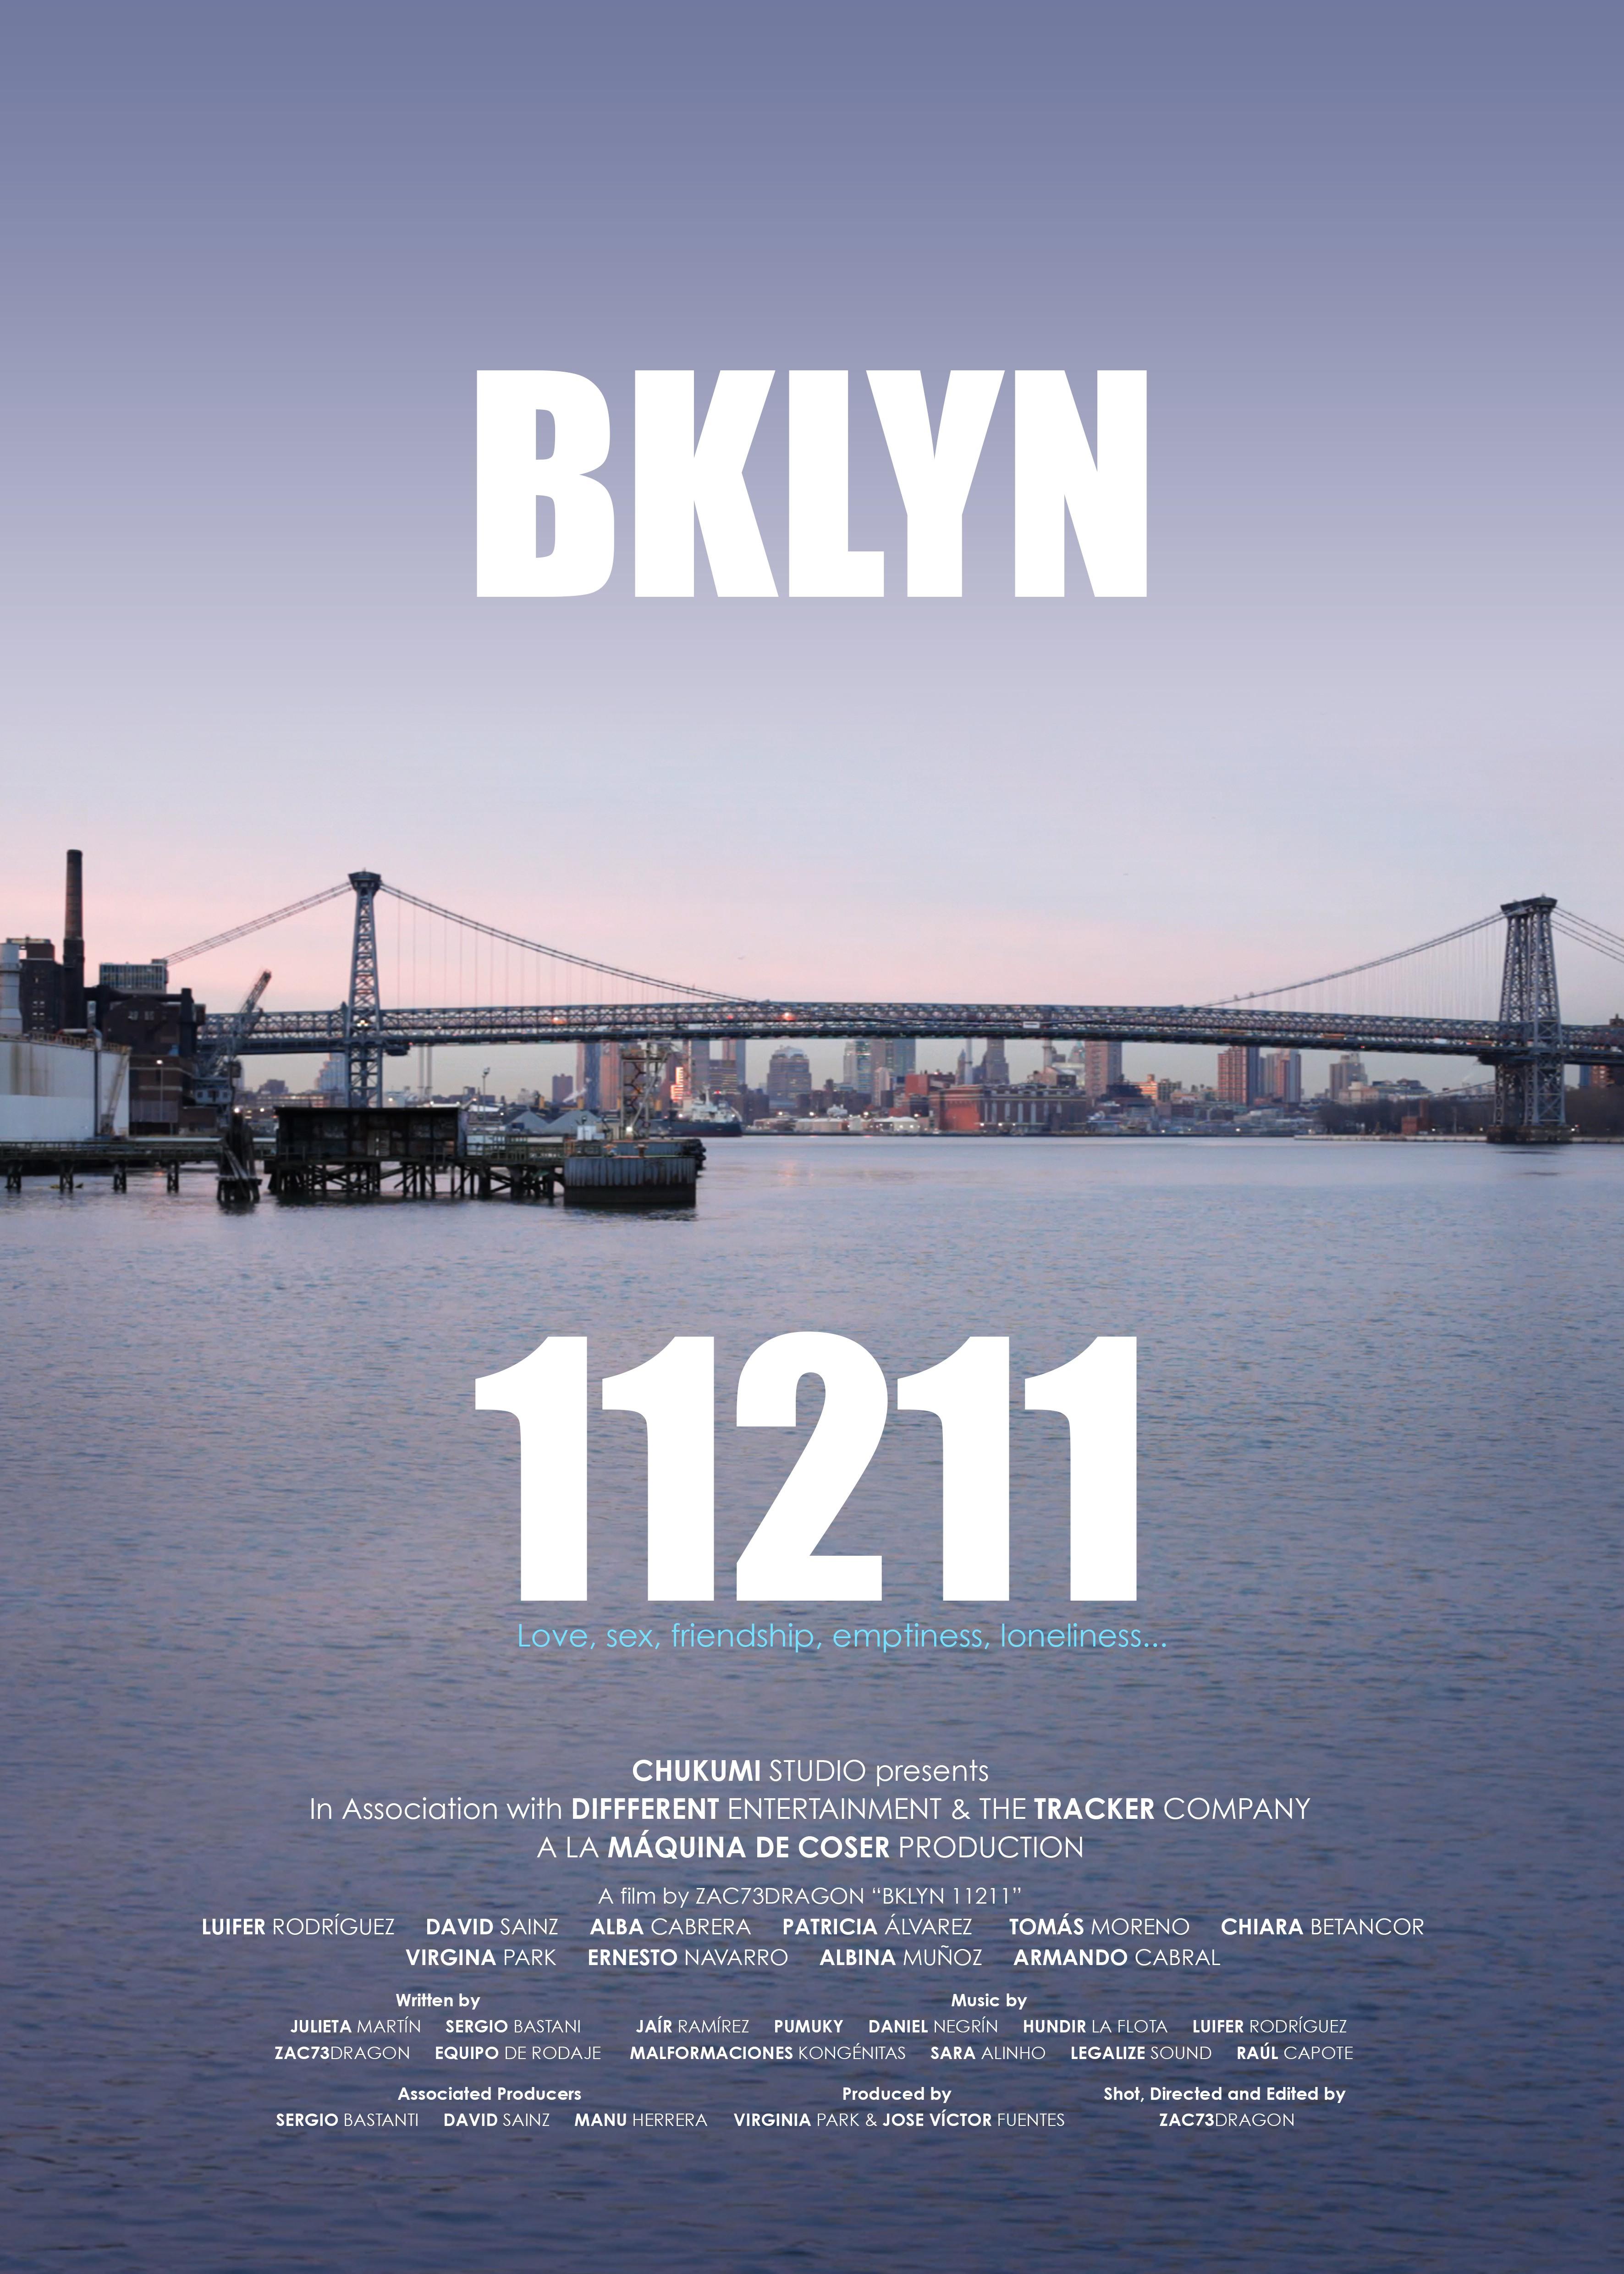 BKLYN 11211